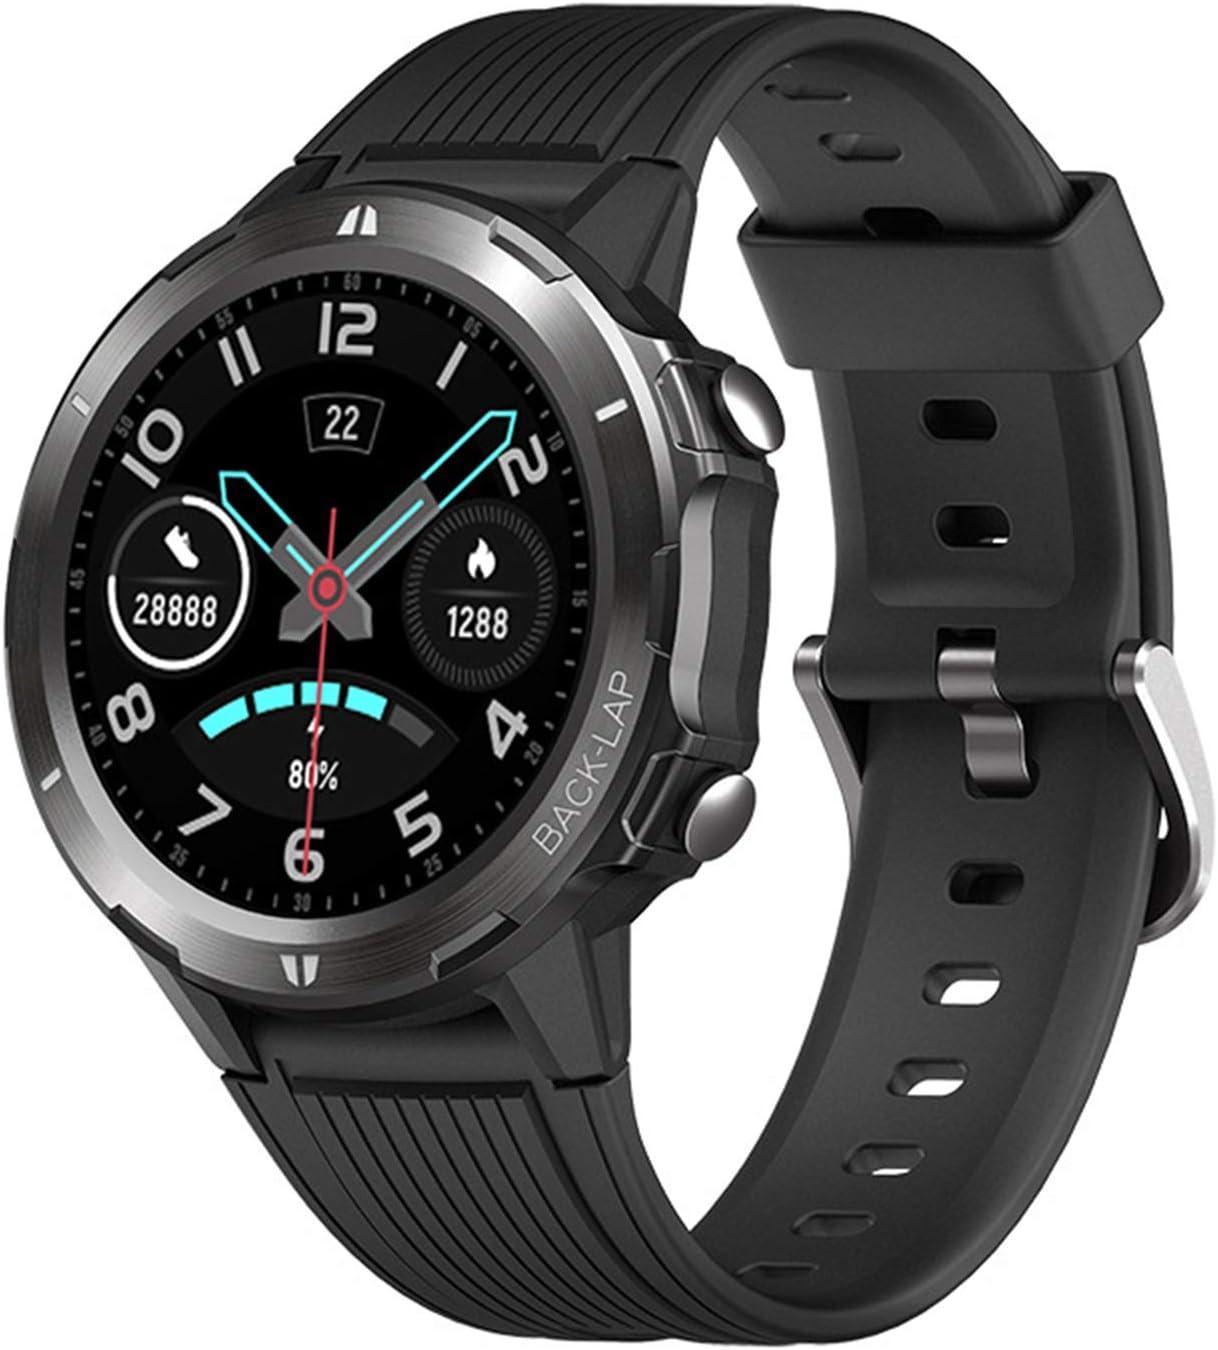 LTLGHY Reloj Inteligente Hombres Monitor De Actividad con 12 Modos Deportivos Pulsómetro Calorías Monitor De Sueño Podómetro IP67 Impermeable Reloj Compatible con Android iOS,Negro